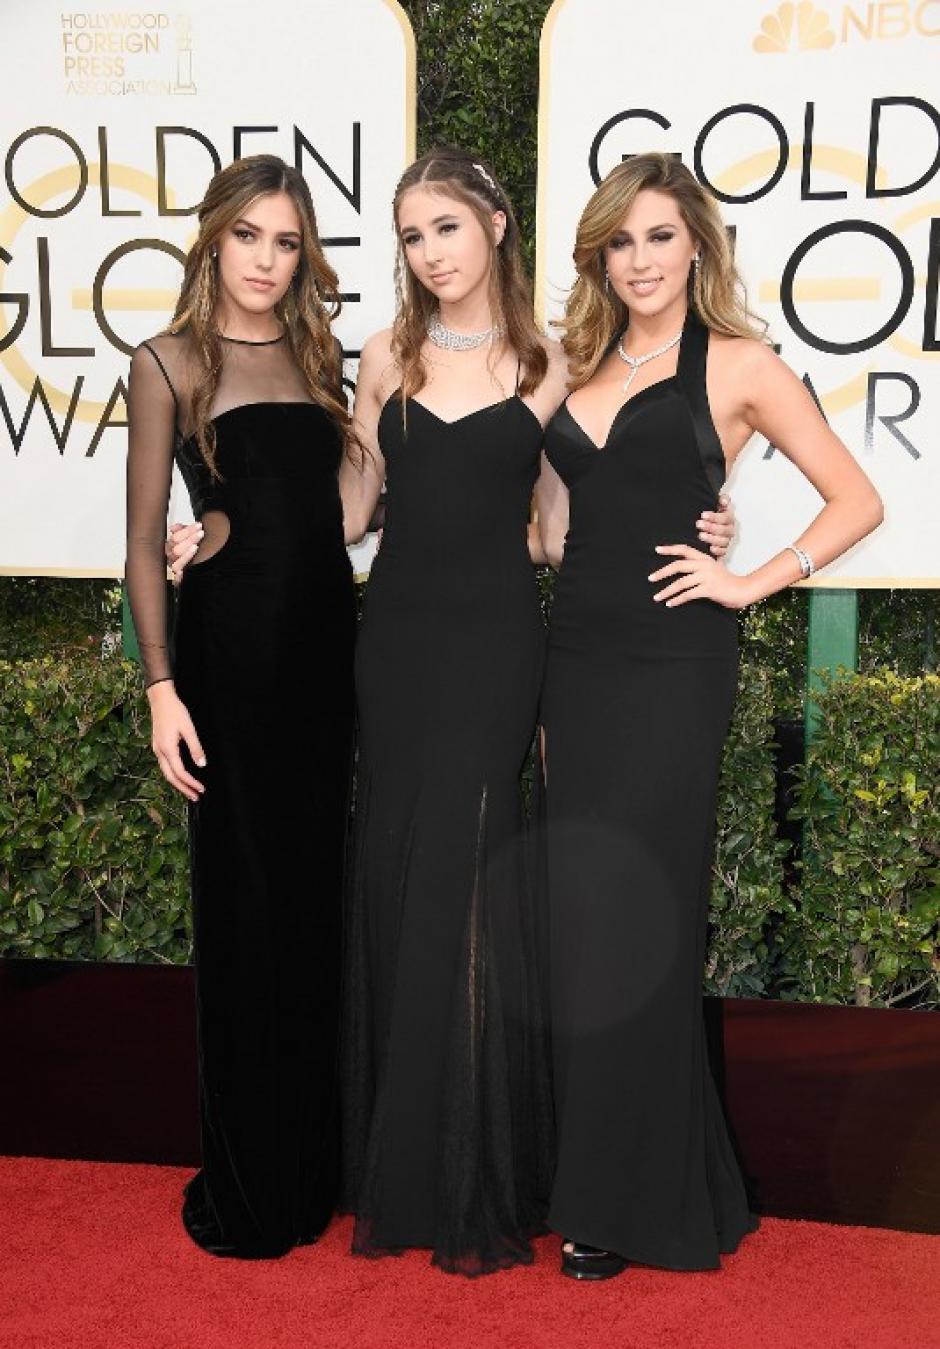 Las tres chicas fueron presentadas por Sofía Vergara. (Foto: AFP)